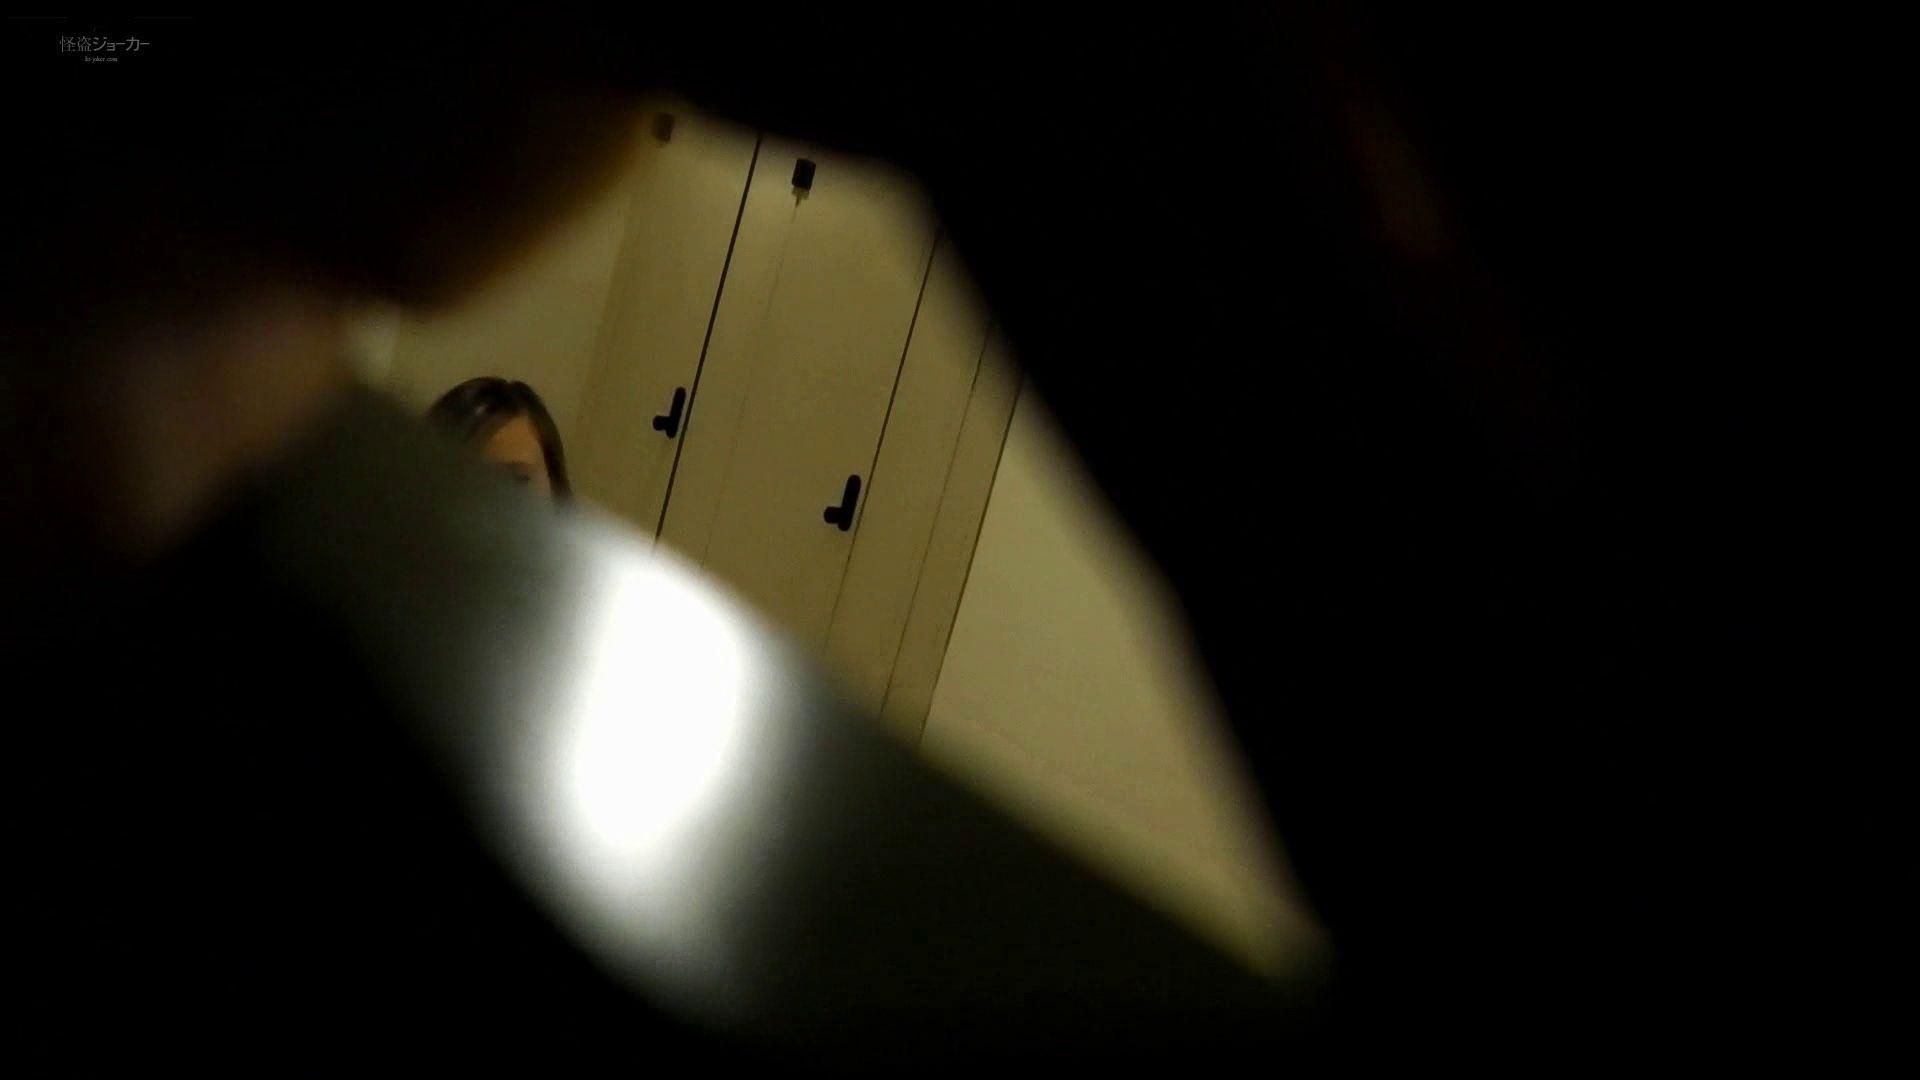 新世界の射窓 No64日本ギャル登場か?ハイヒール大特集! 高画質  75PIX 27